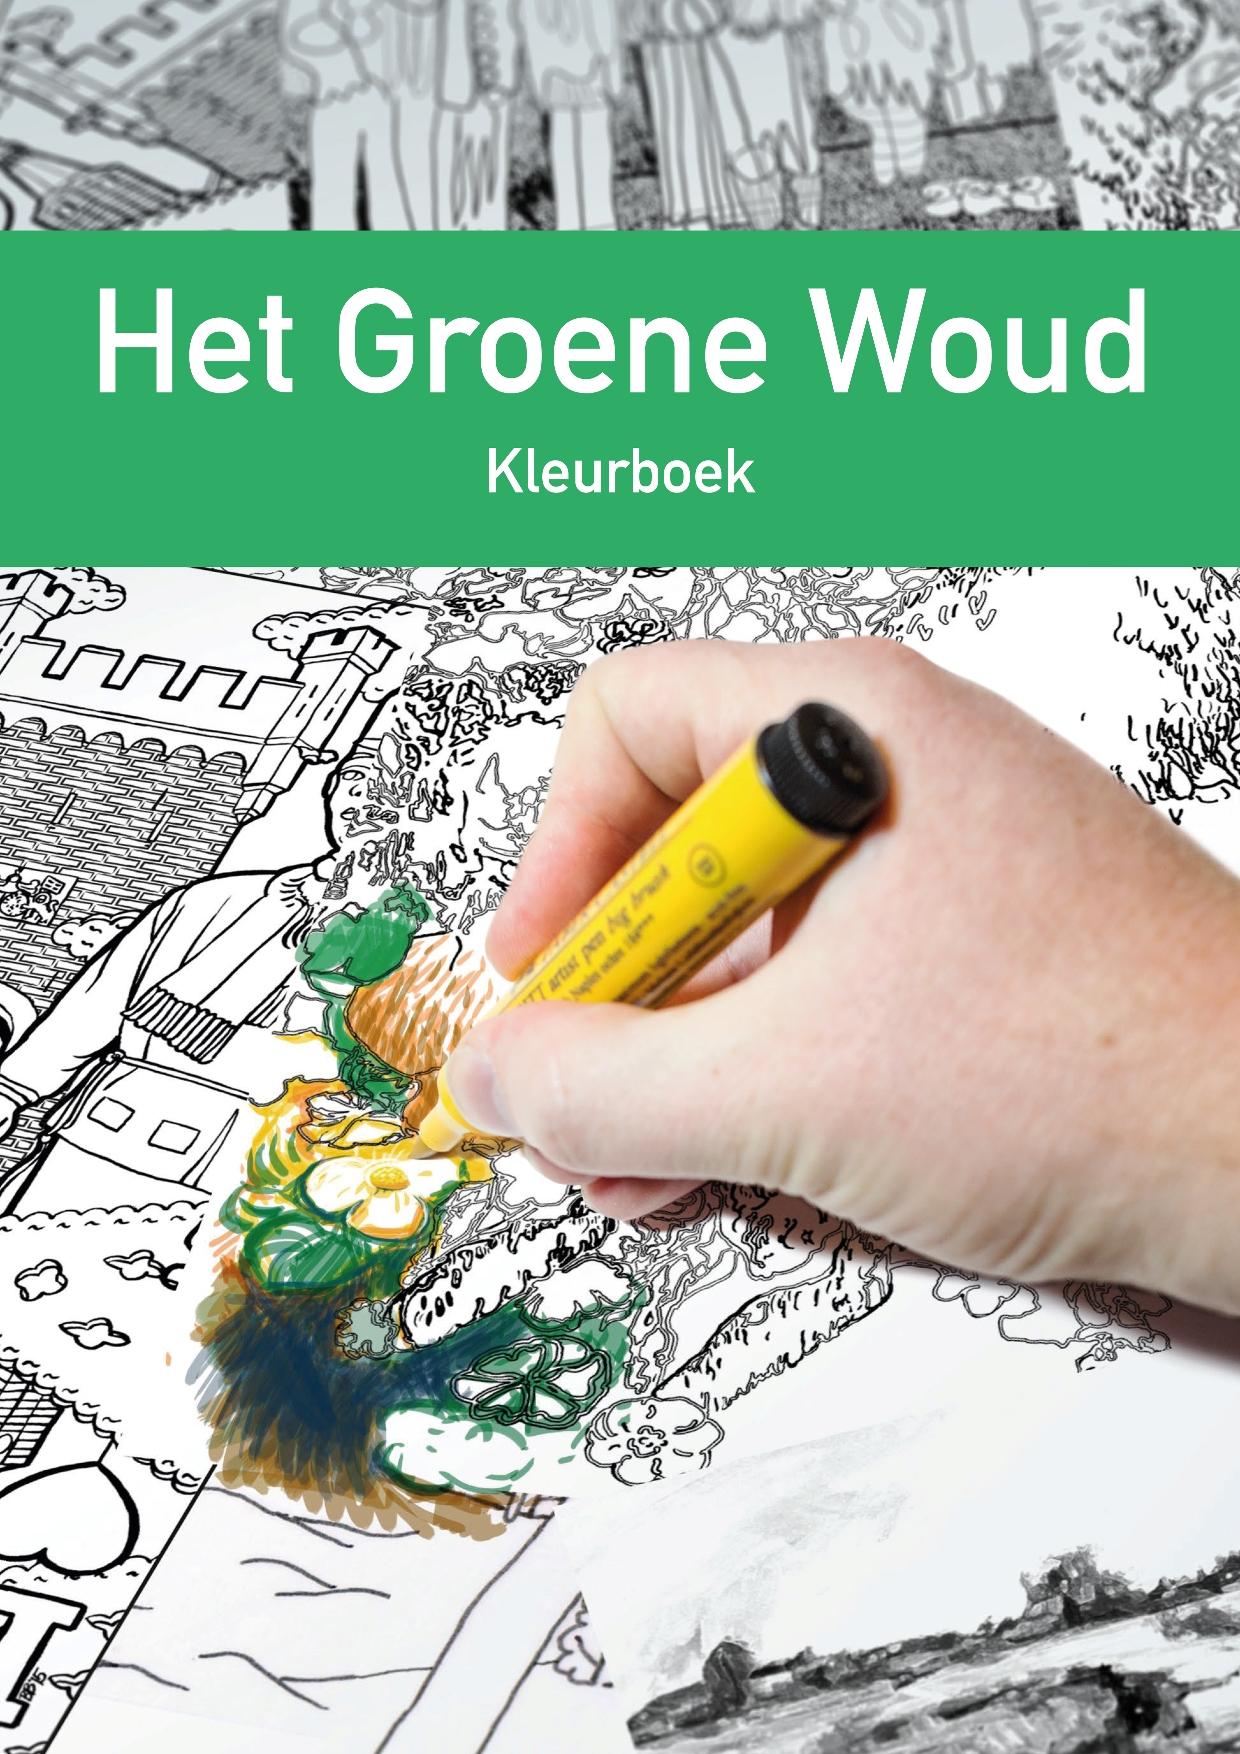 VVV, Kleurboek Het Groene Woud